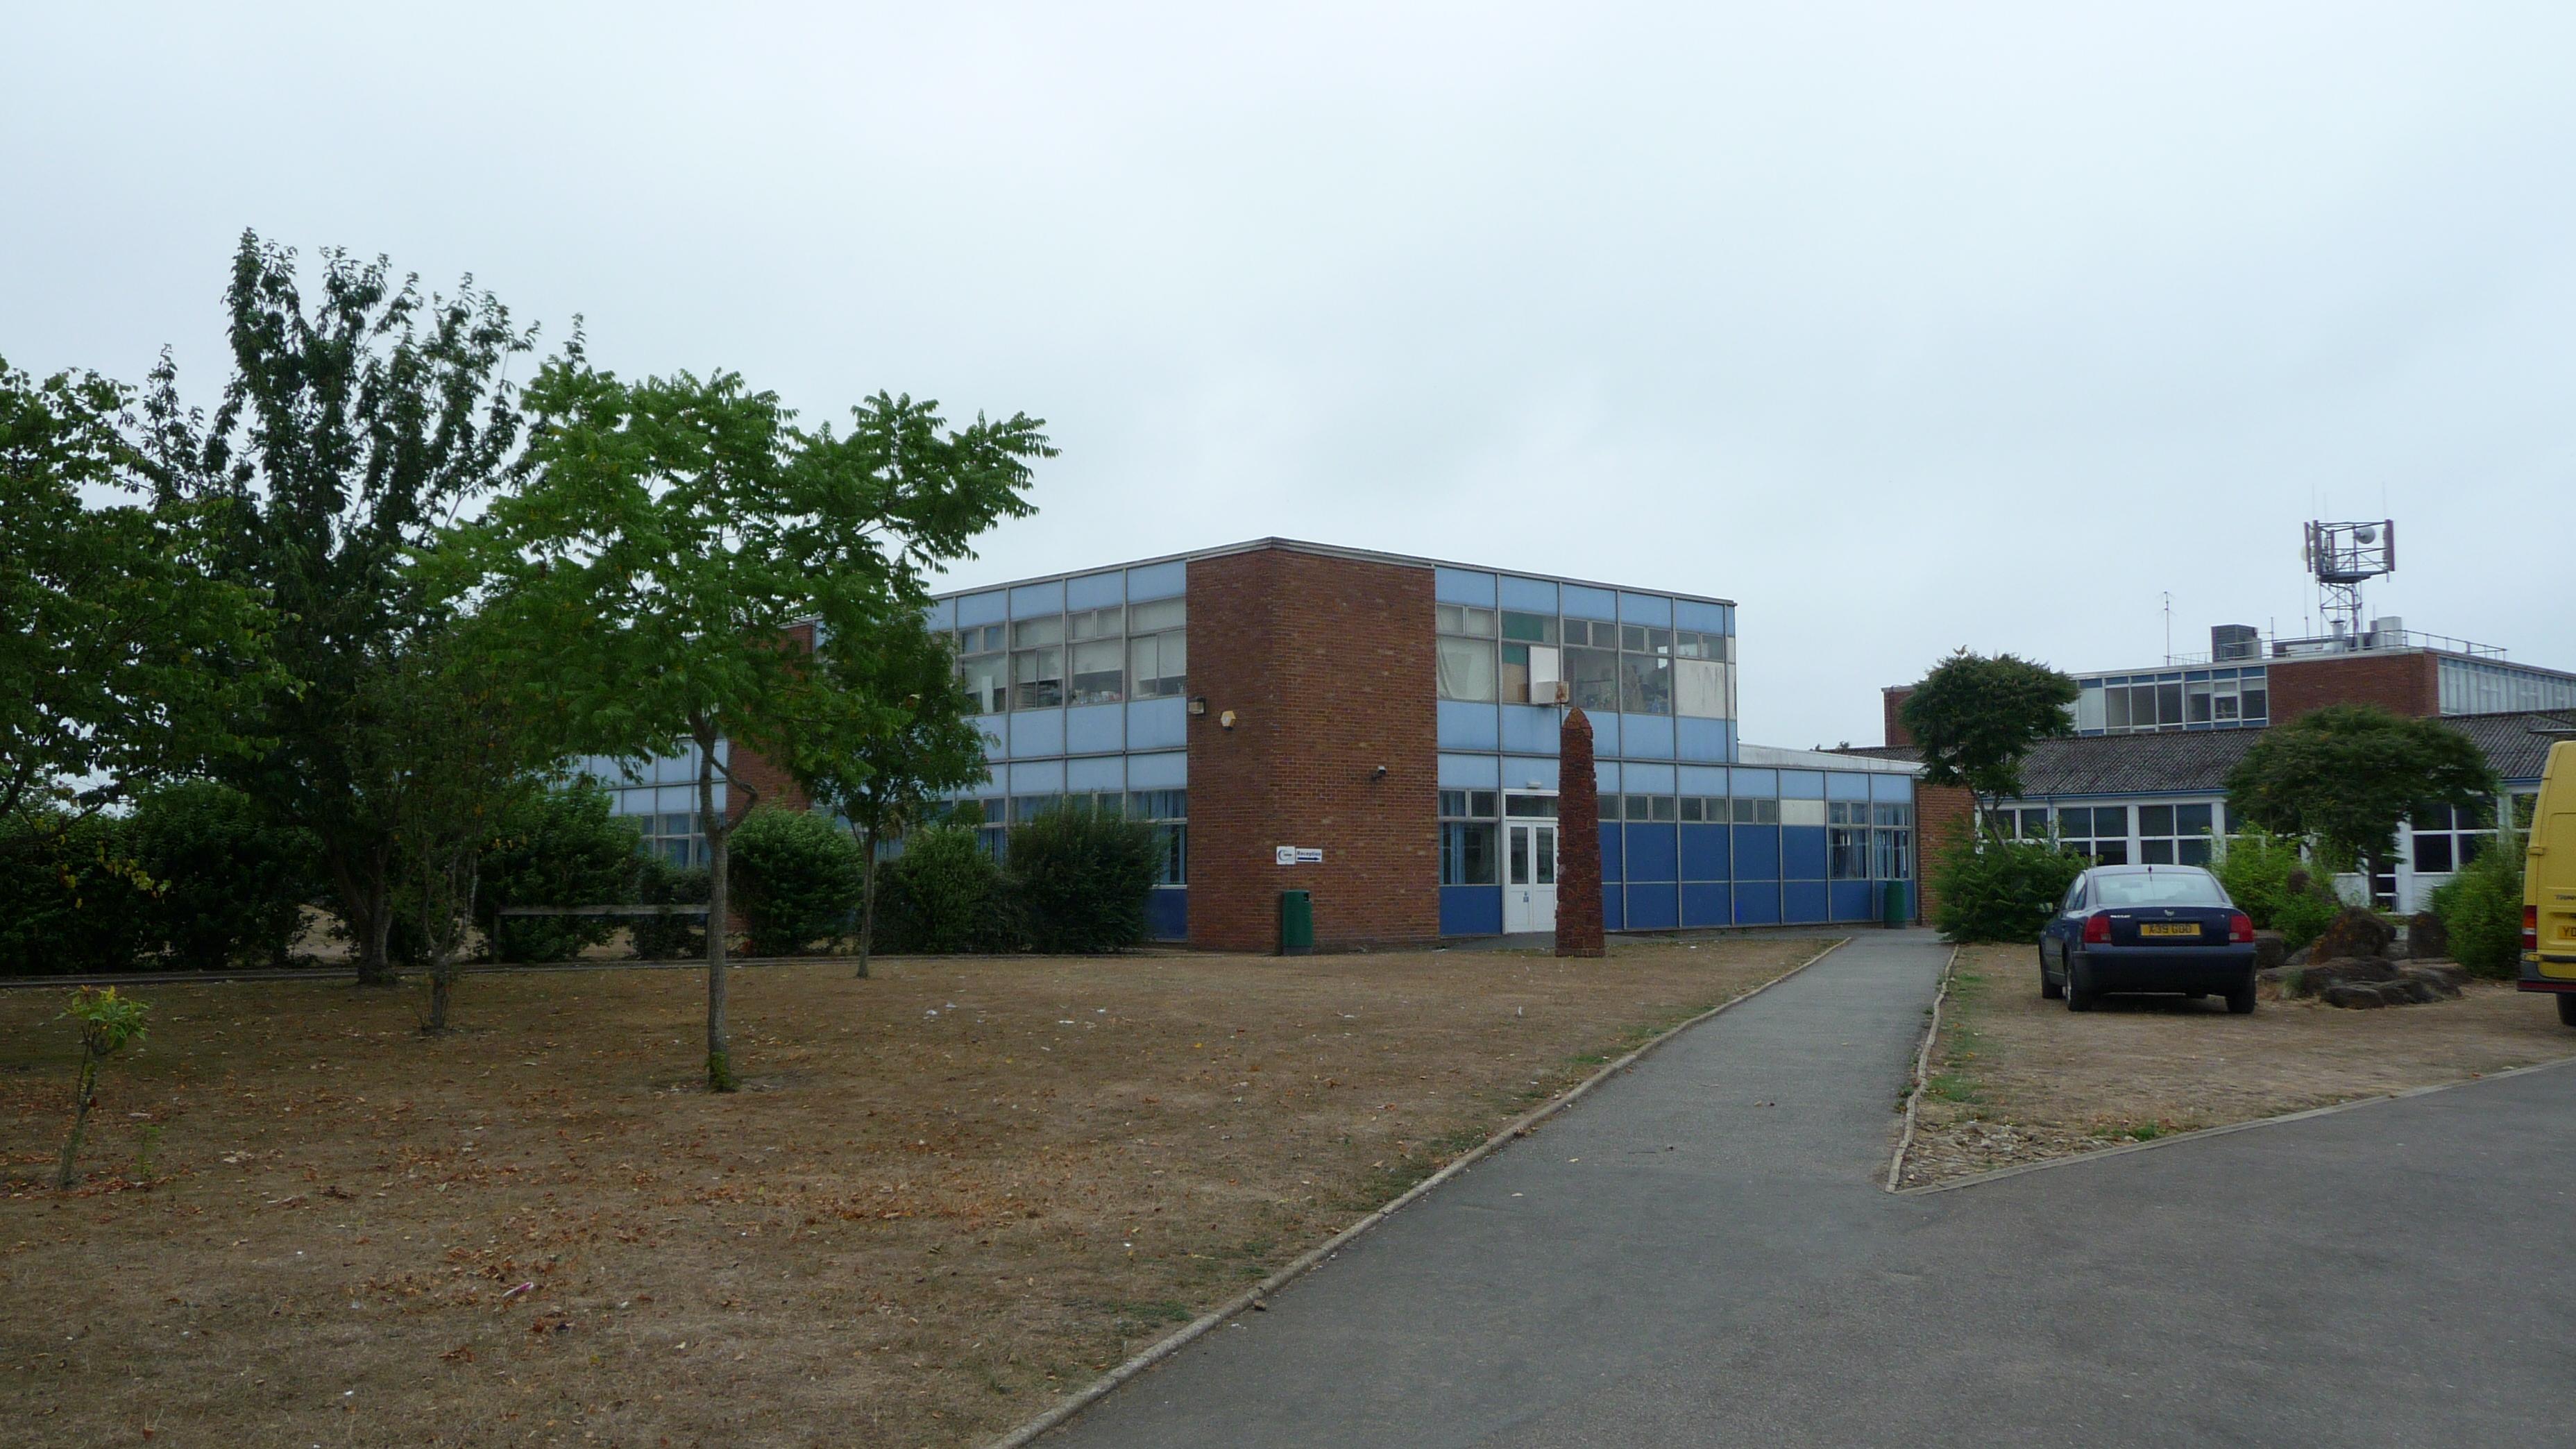 File:cowes High School 3.jpg